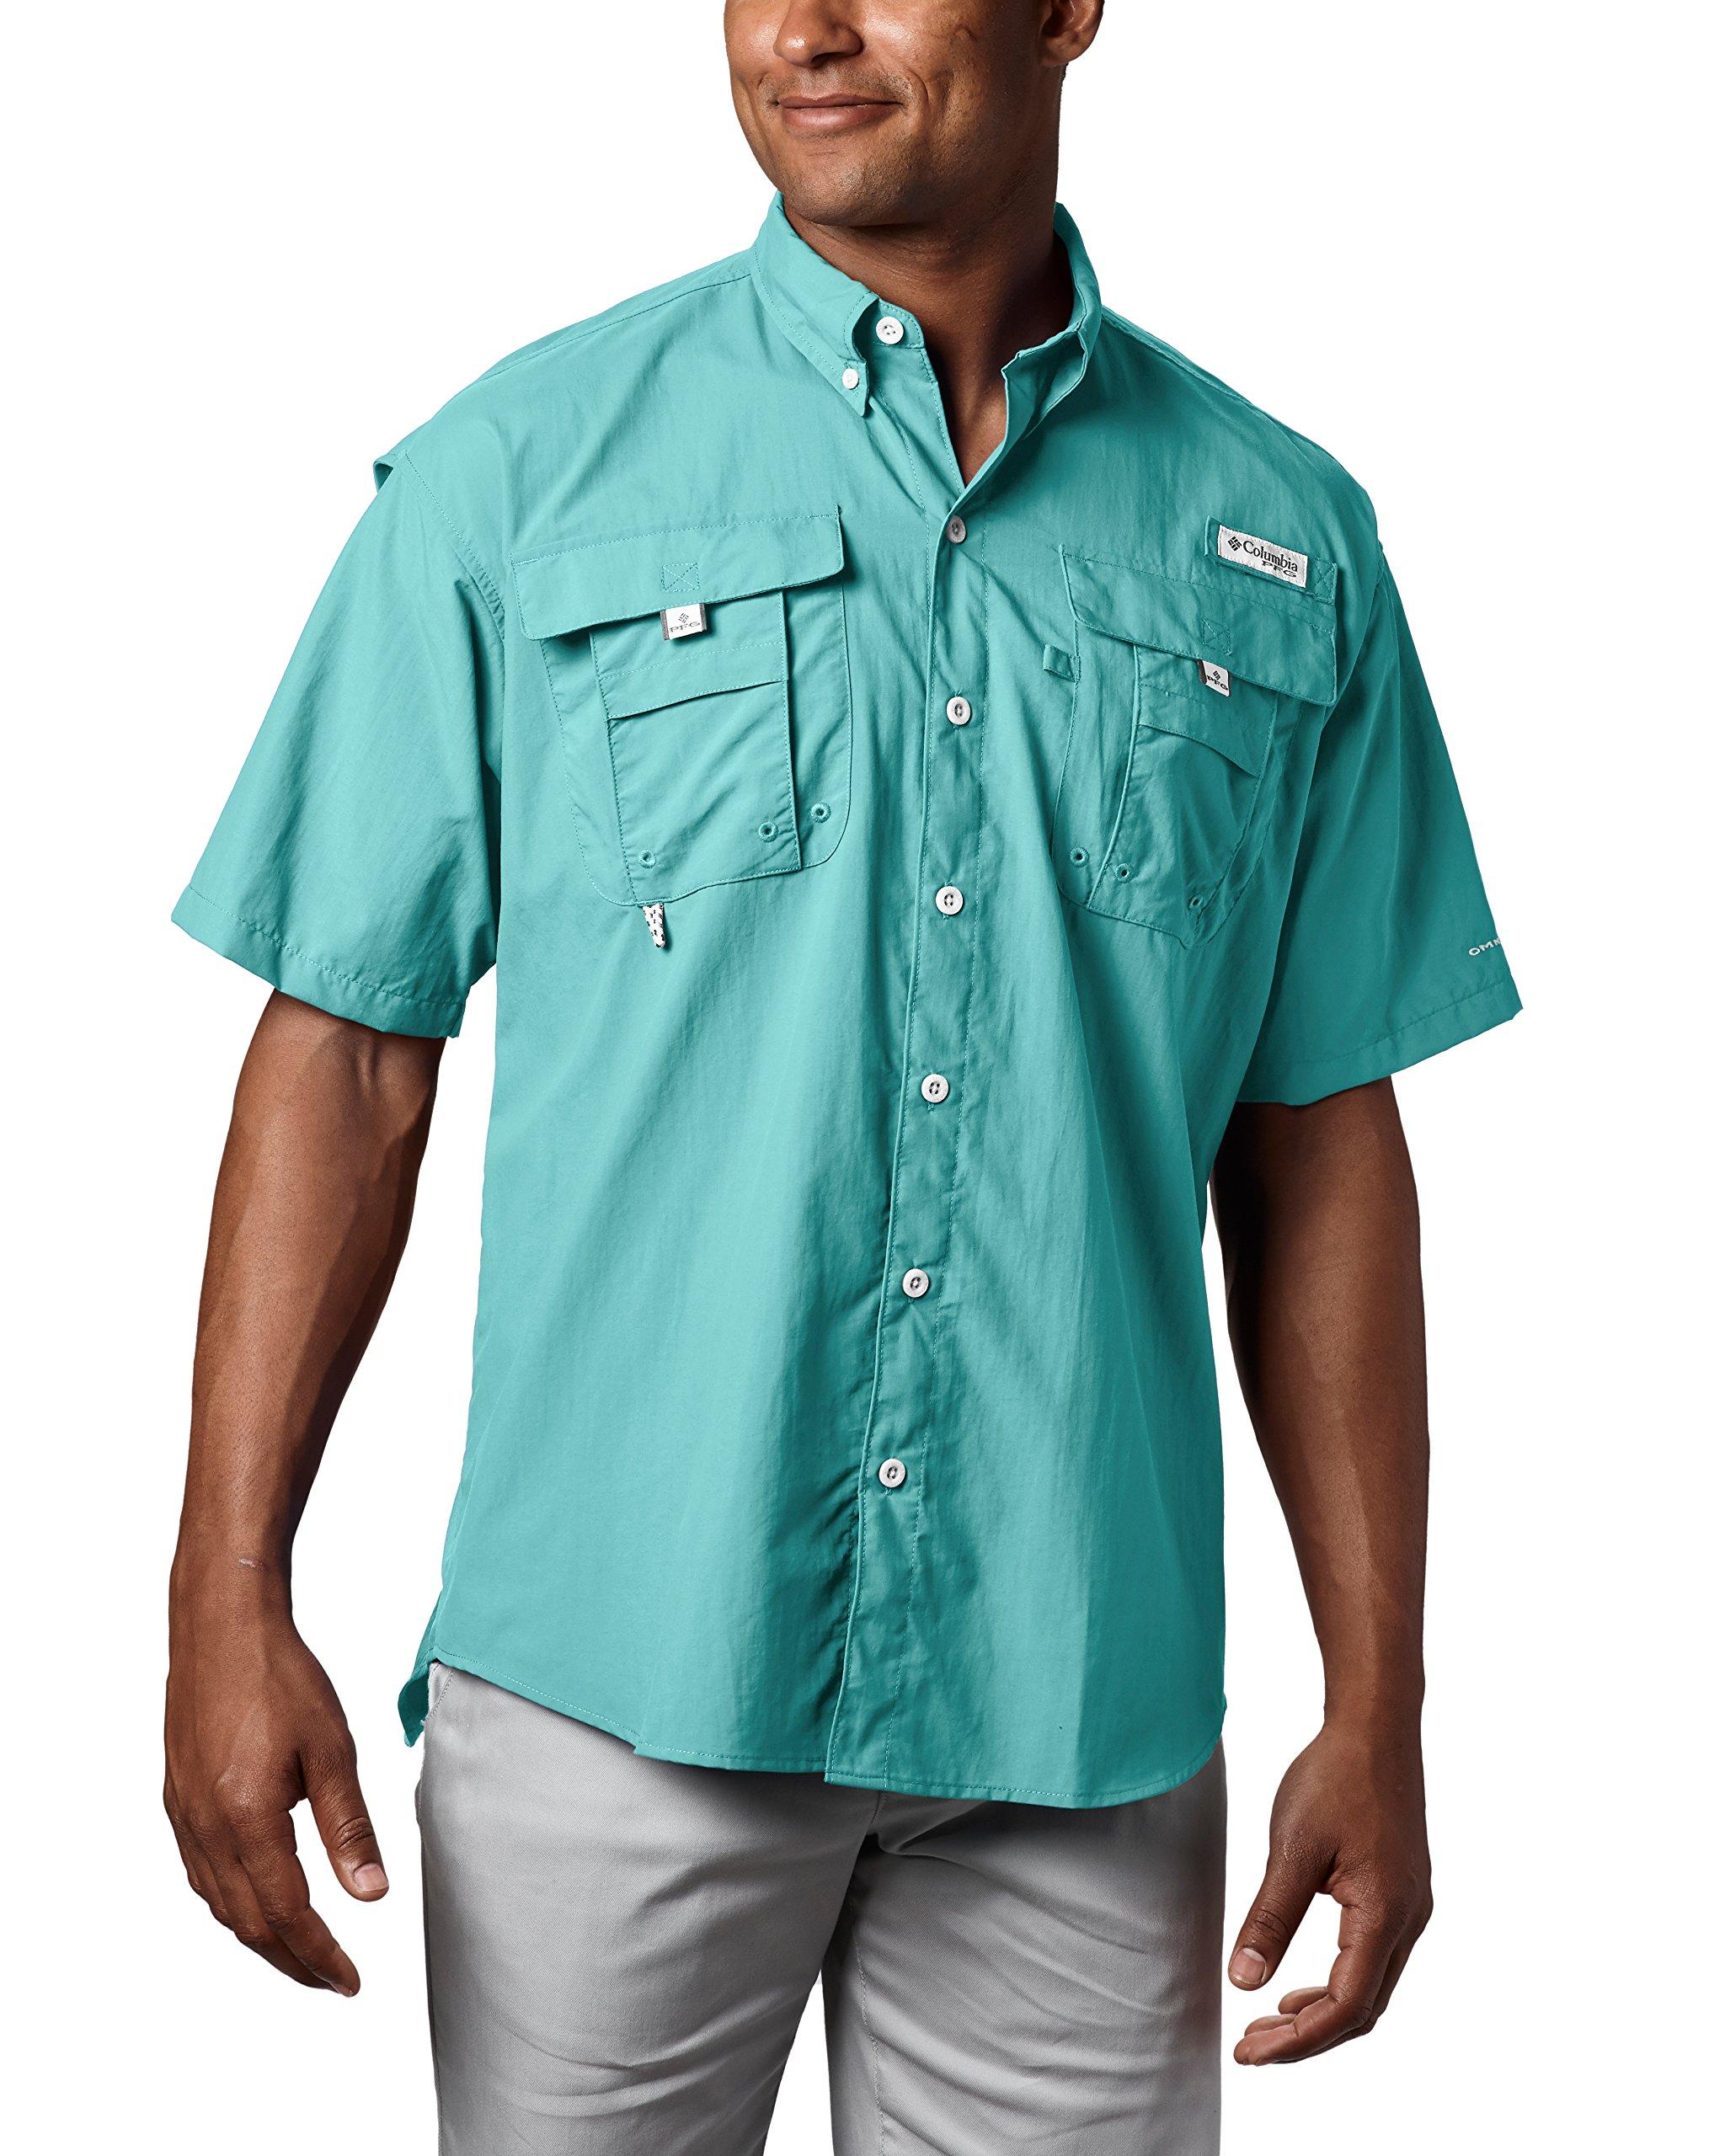 a6d13128549 Columbia Men's PFG Bahama II Short - TiendaMIA.com